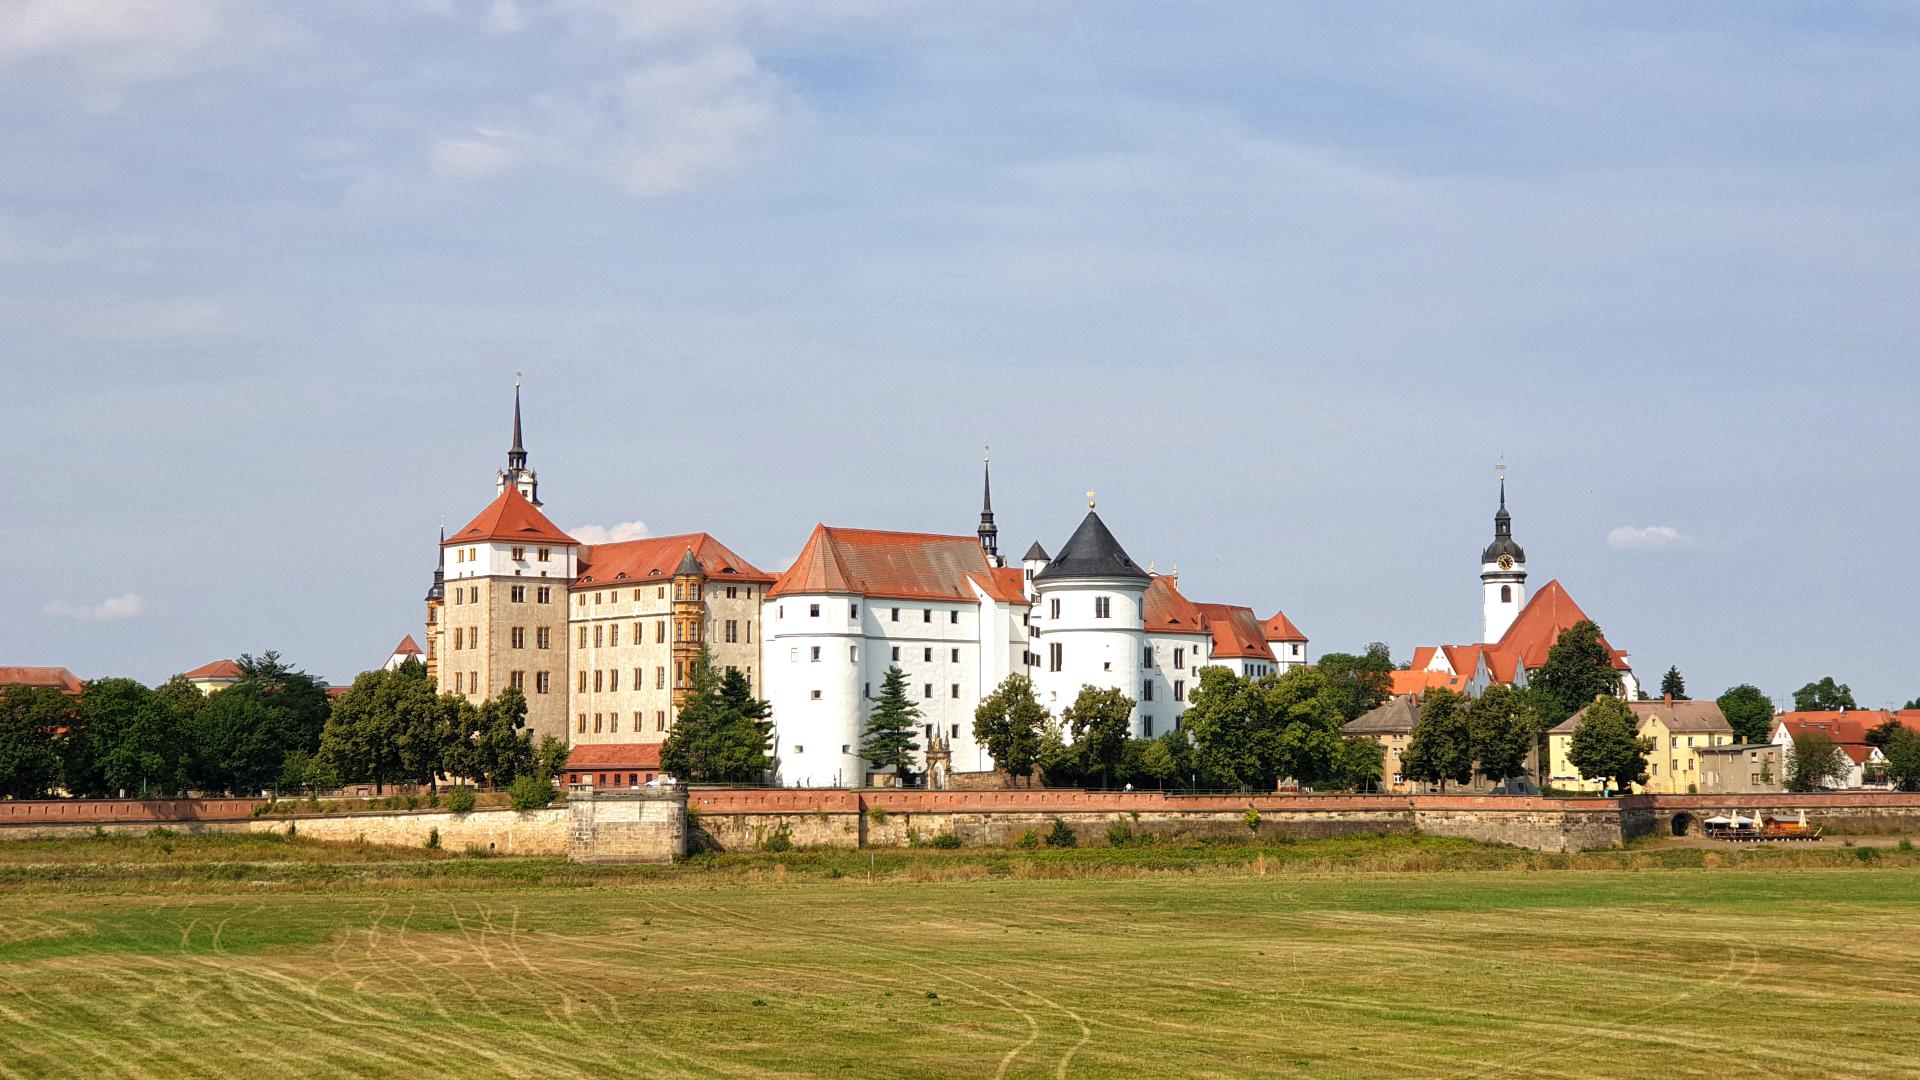 Rb-Torgau